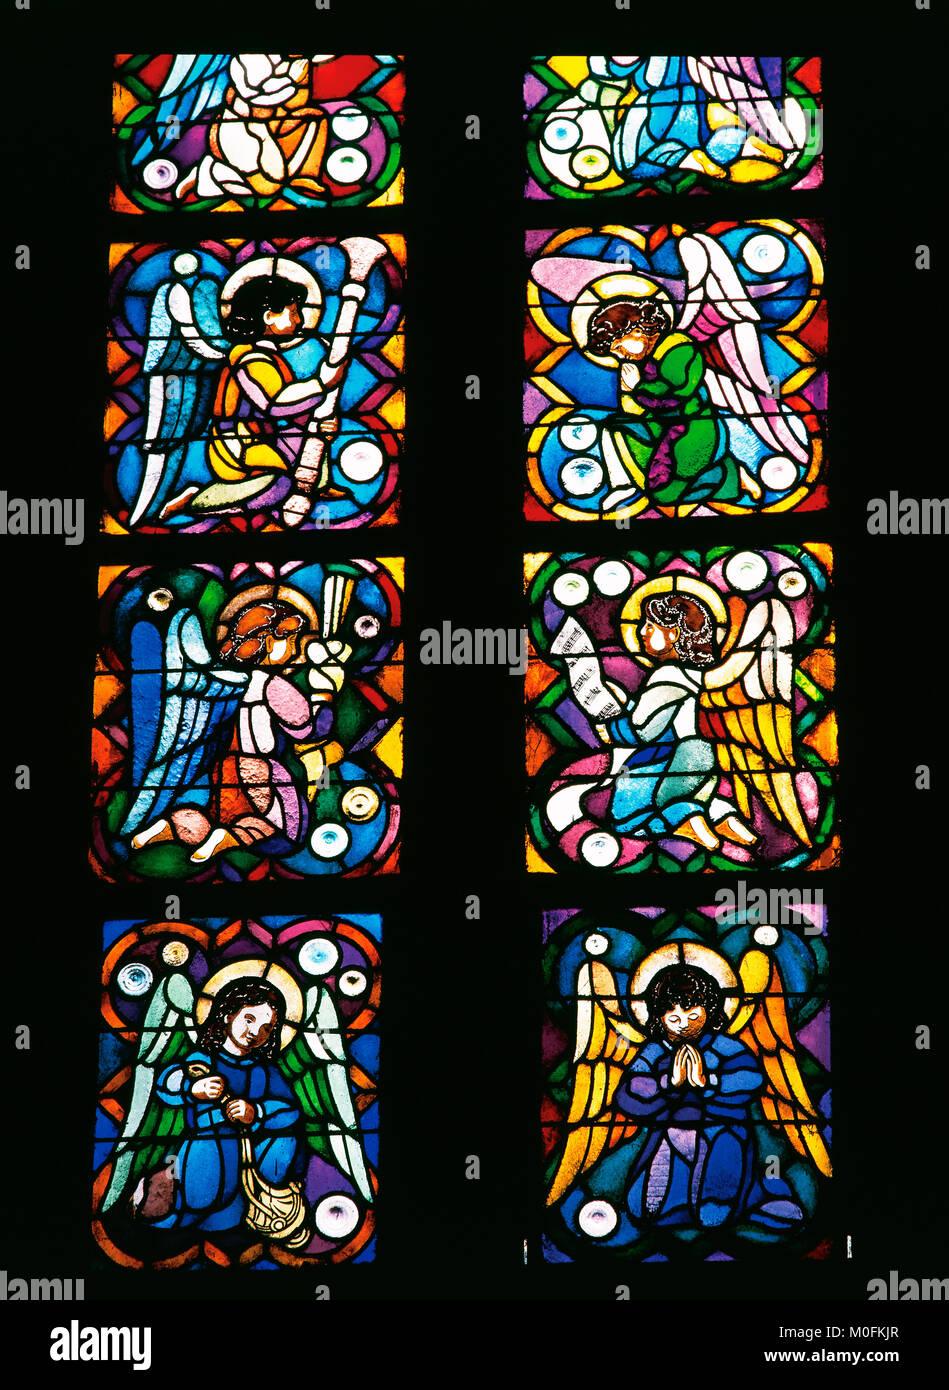 Las vidrieras. Roseton Sanctus. Cripta. La Sagrada Familia. Eudald Glassmaker Ramon Amigo (1818-1885). Barcelona. Imagen De Stock